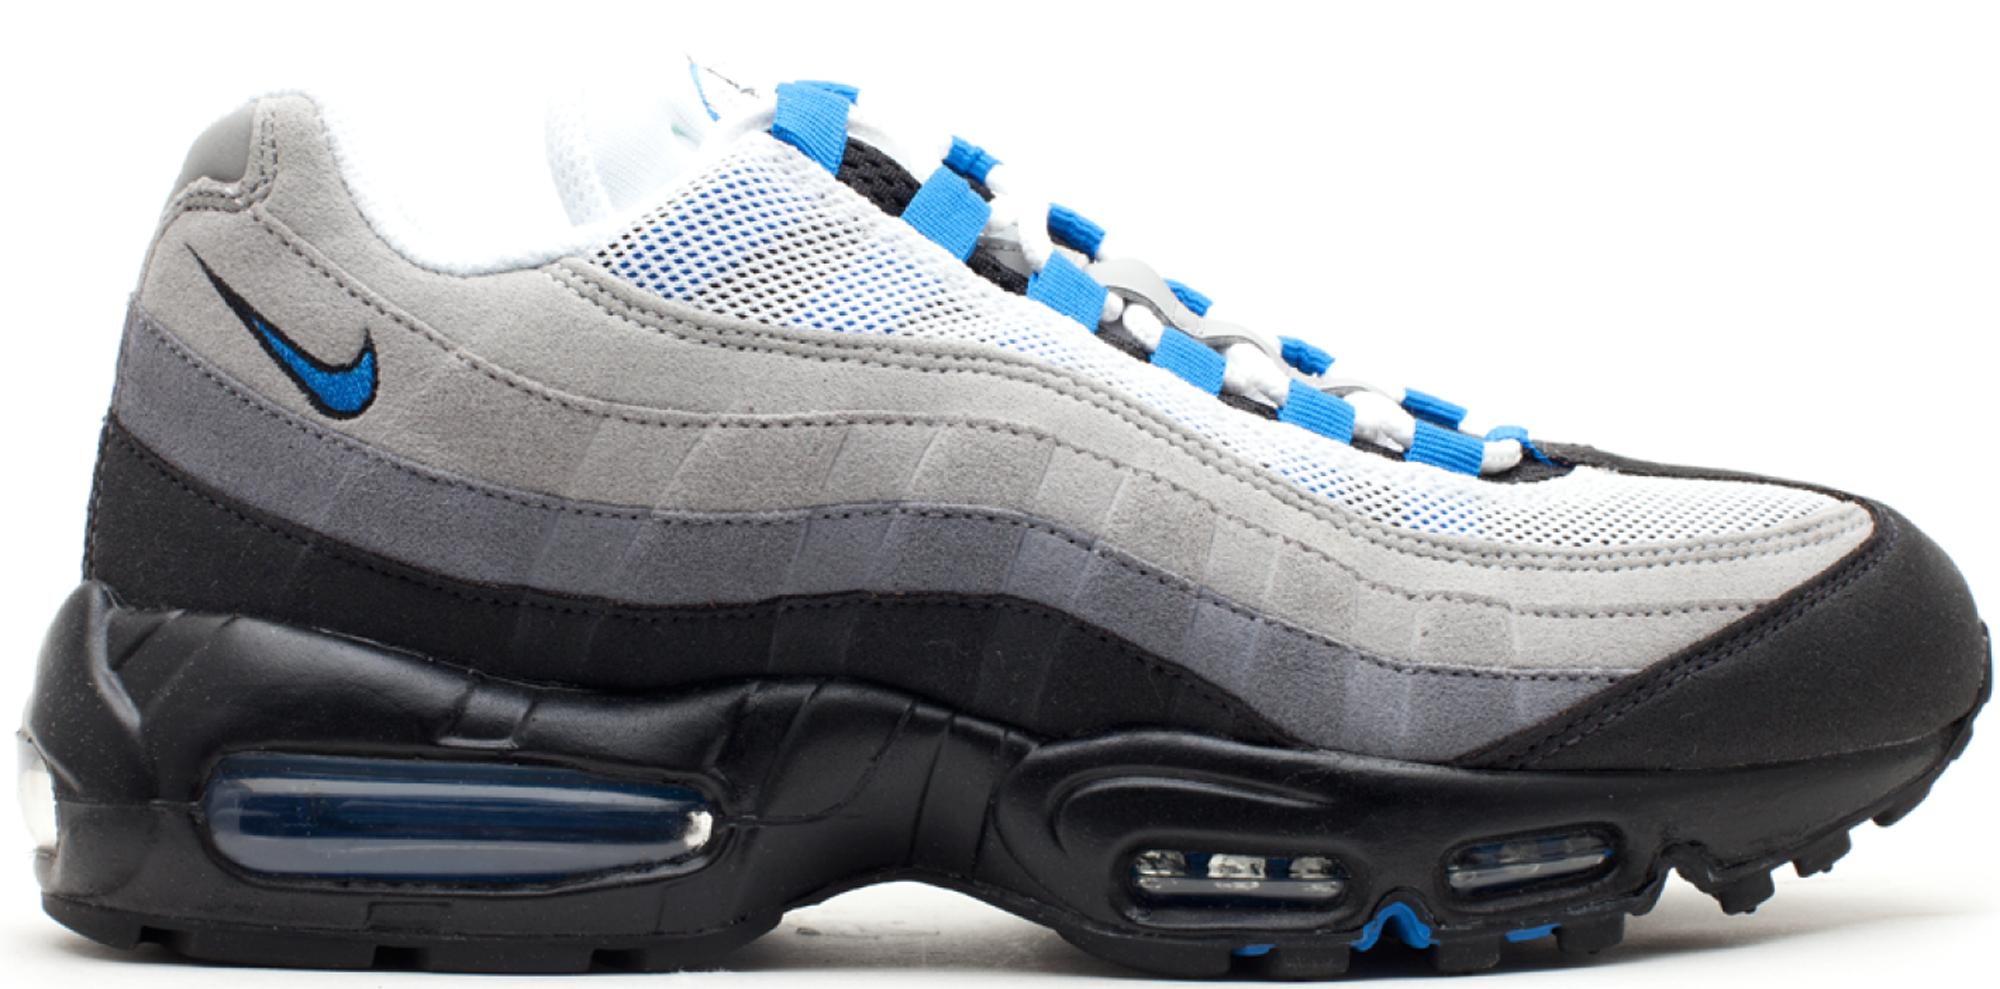 Nike Air Max 95 Blue Spark (2011